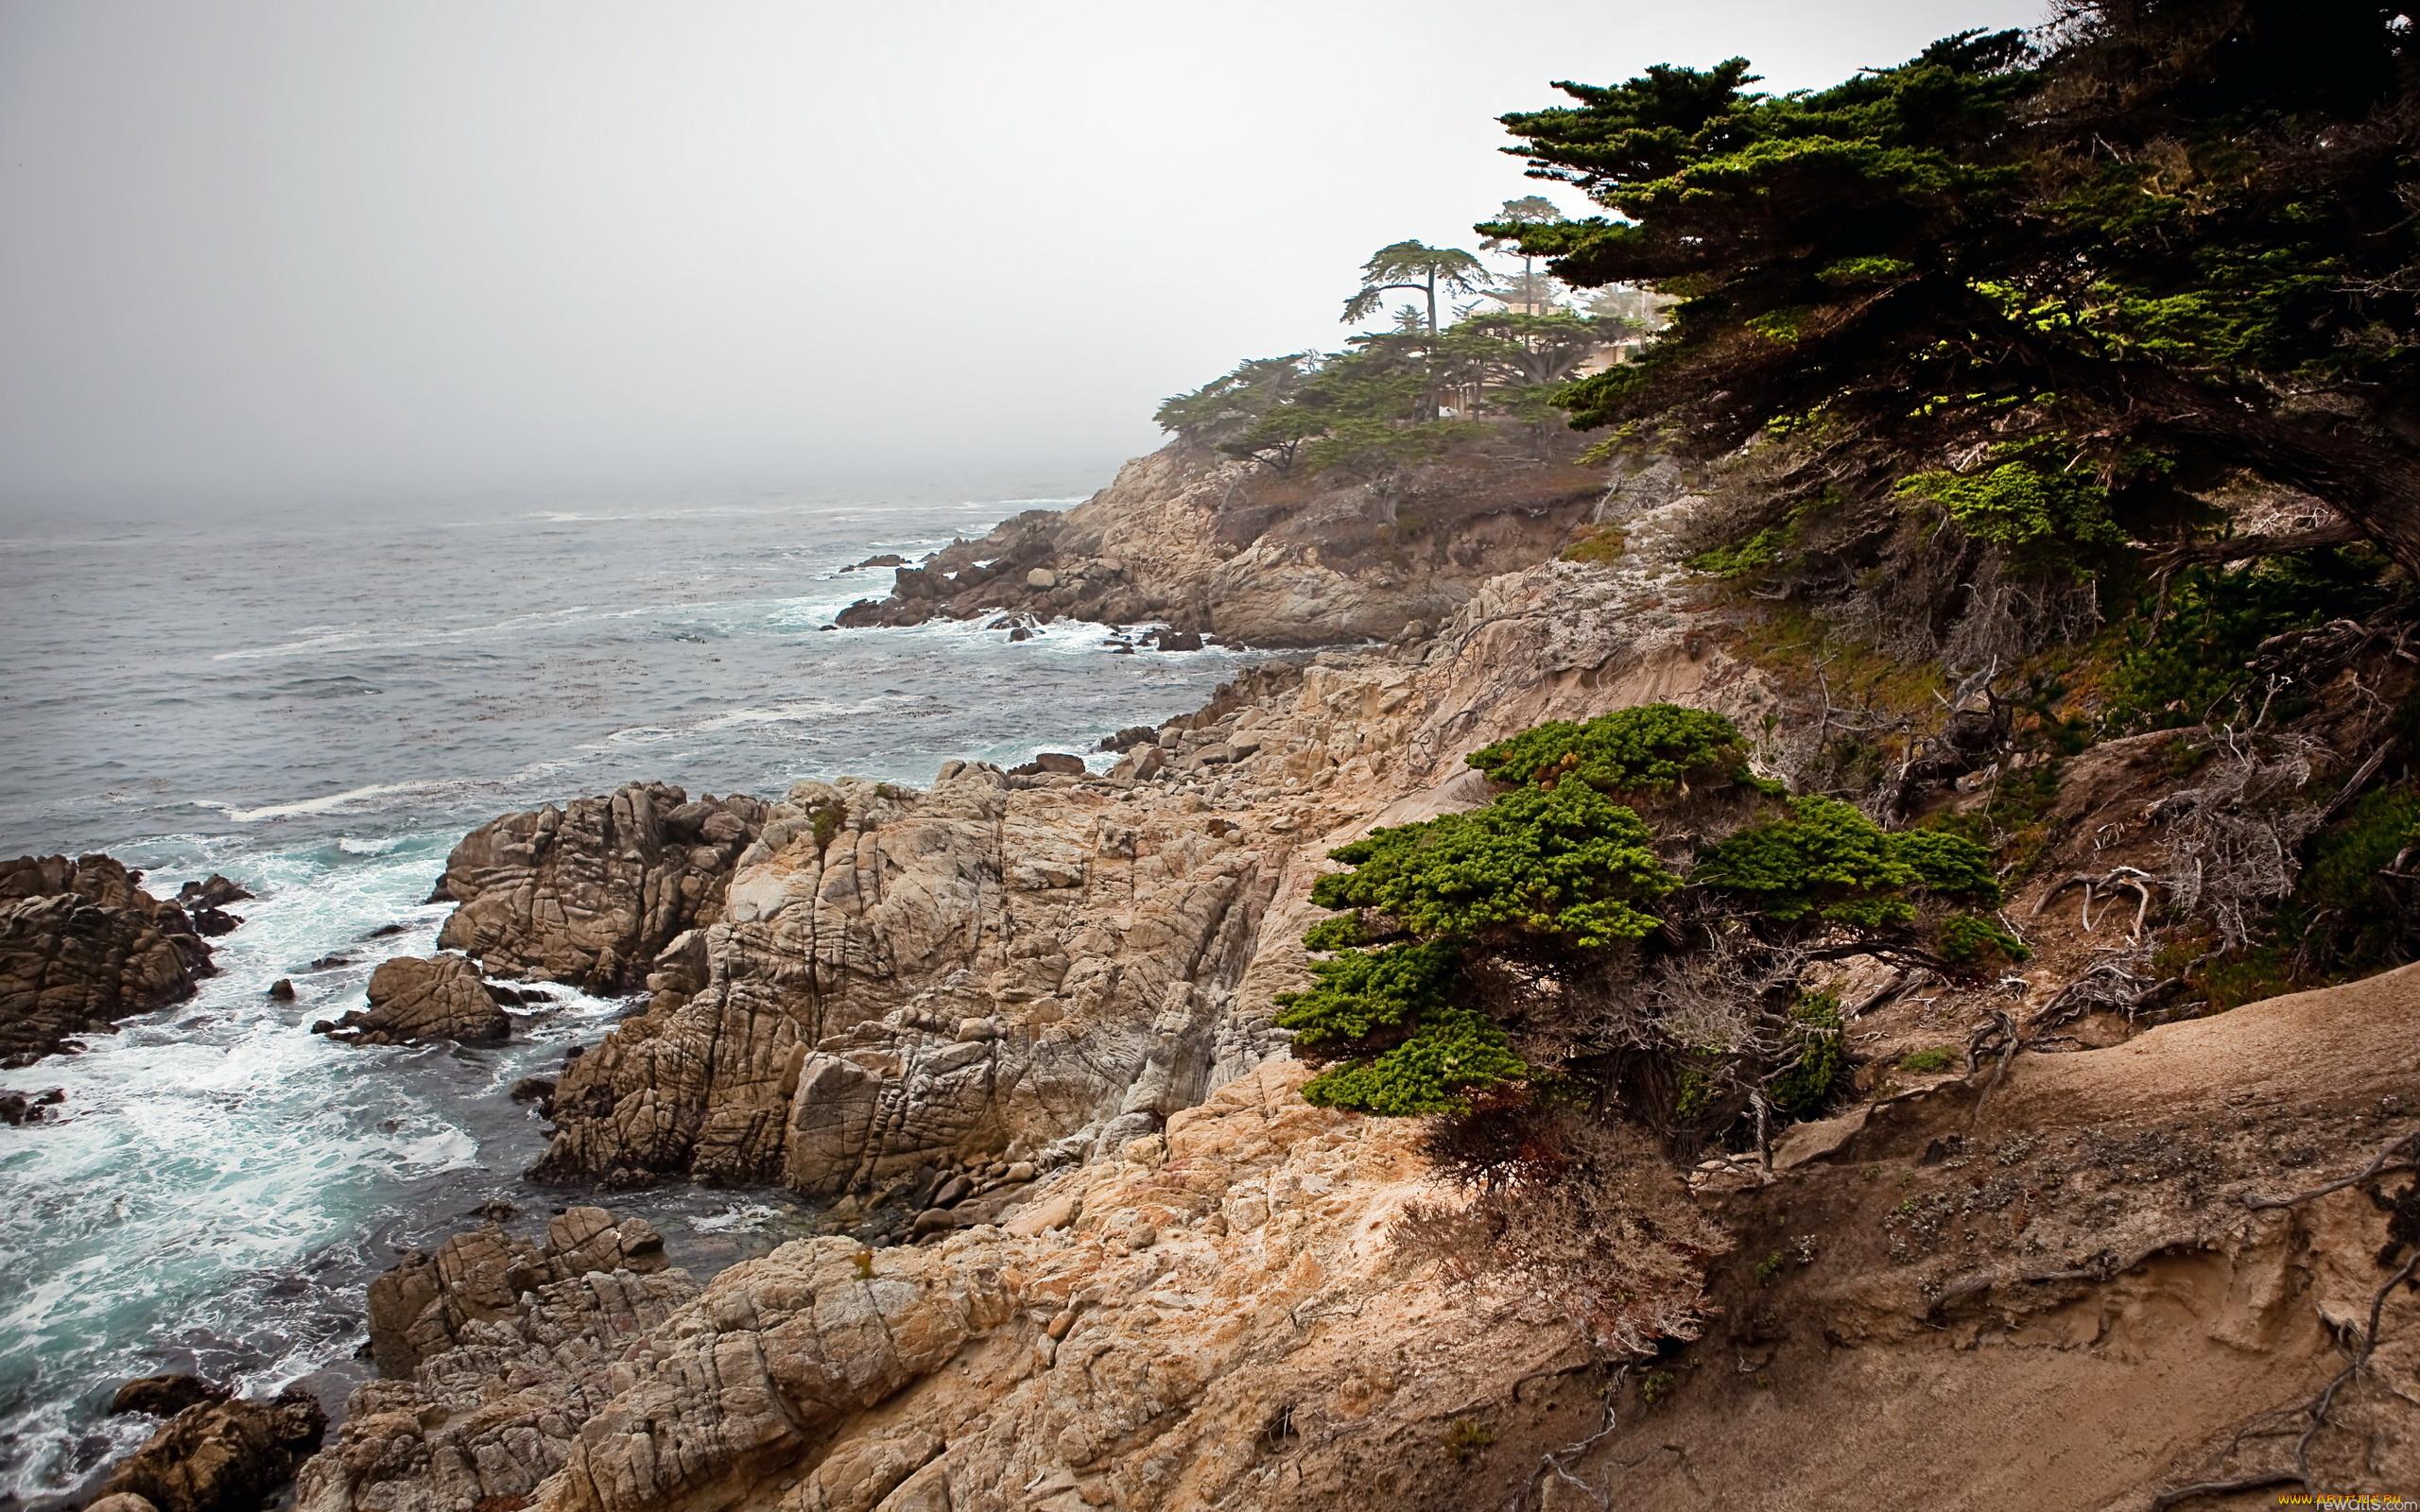 Каменистый и скальный берег без смс